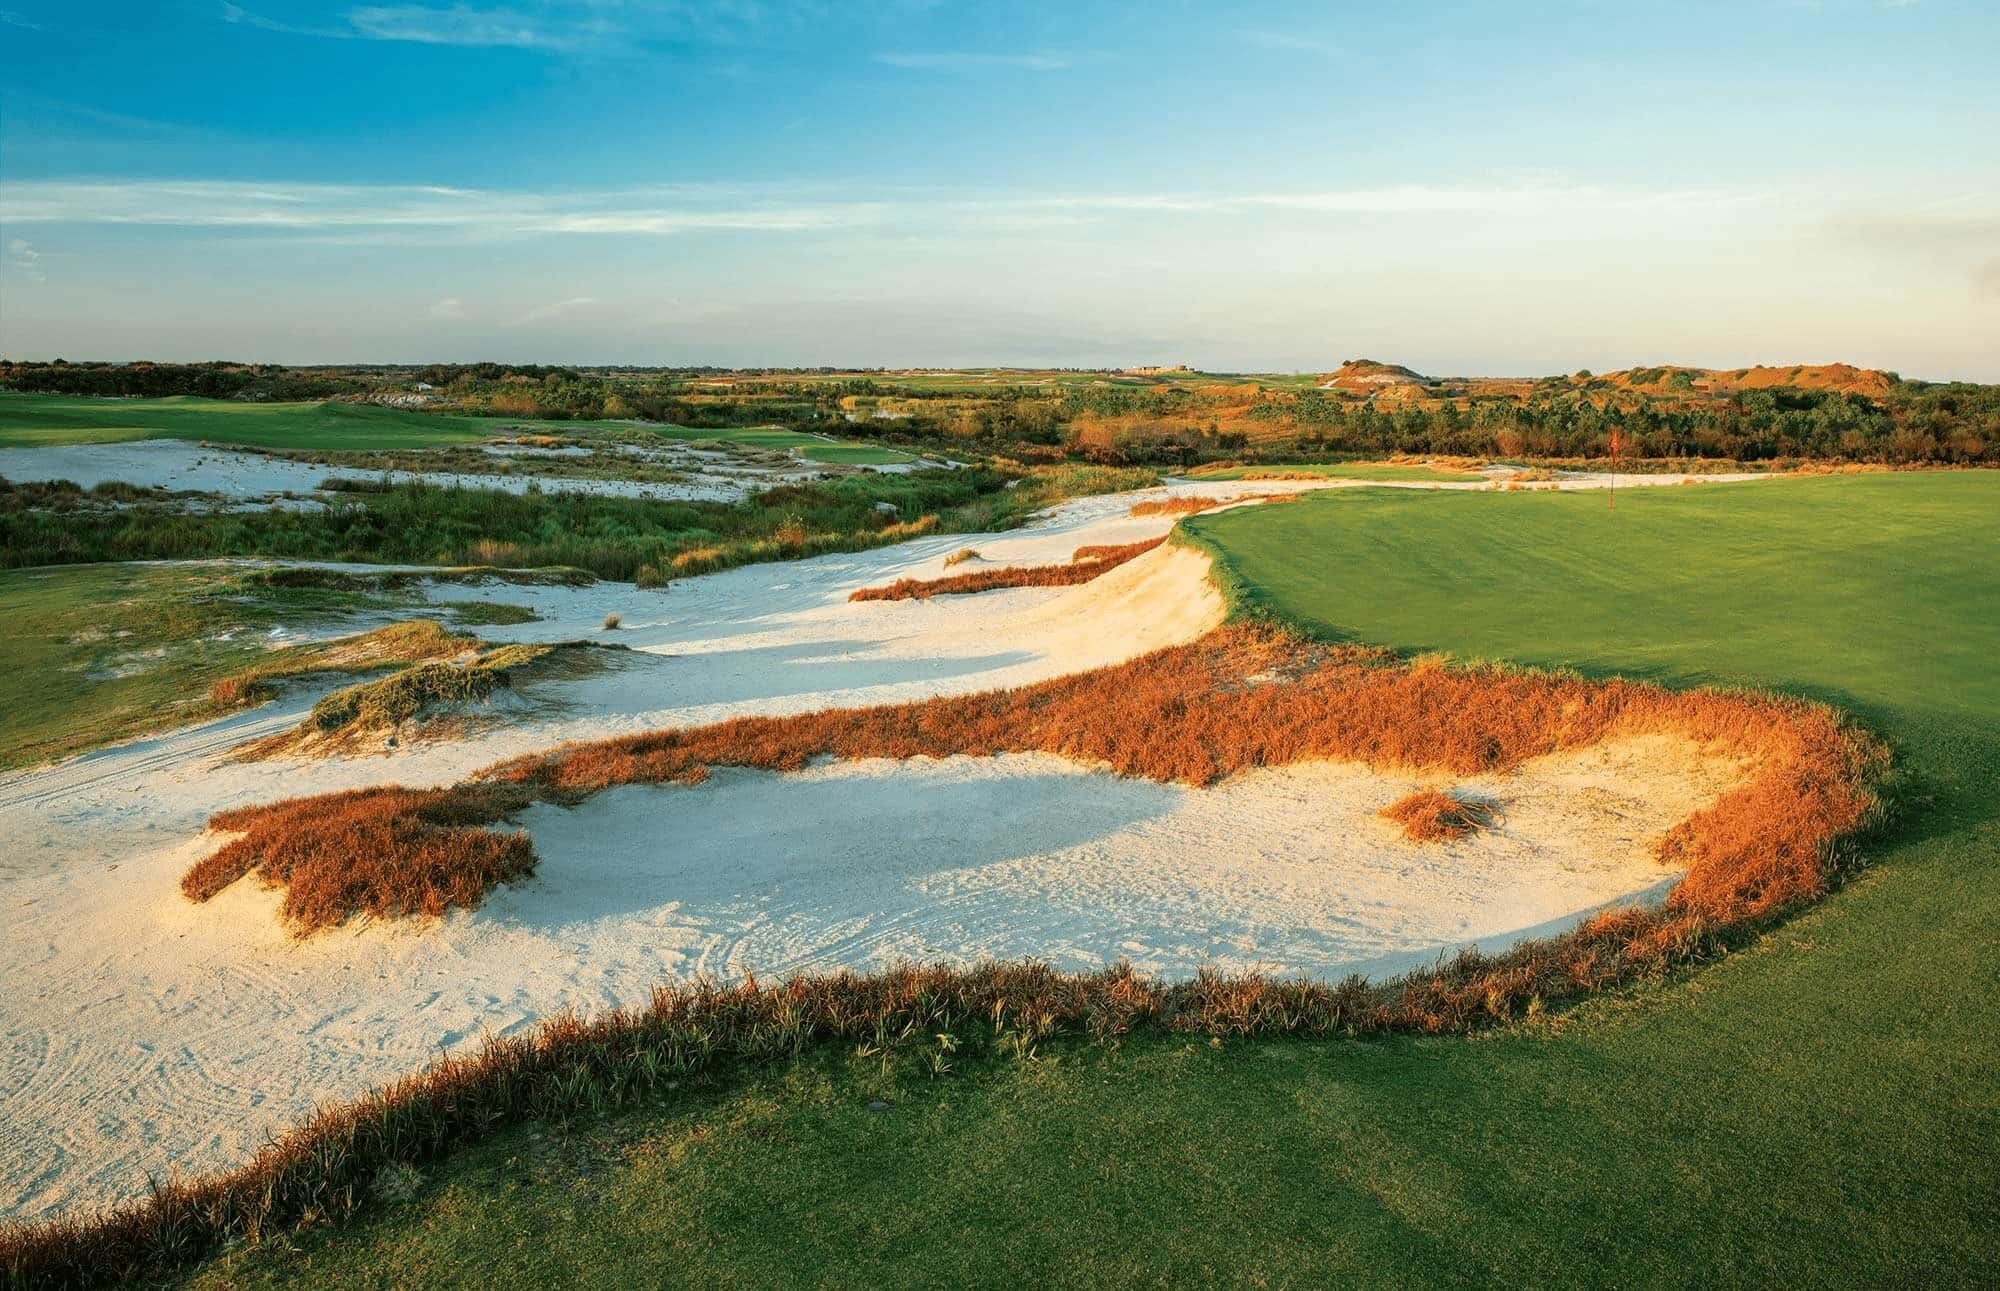 Central Florida Golf Resort - Streamsong Resort Black course number 5 hole